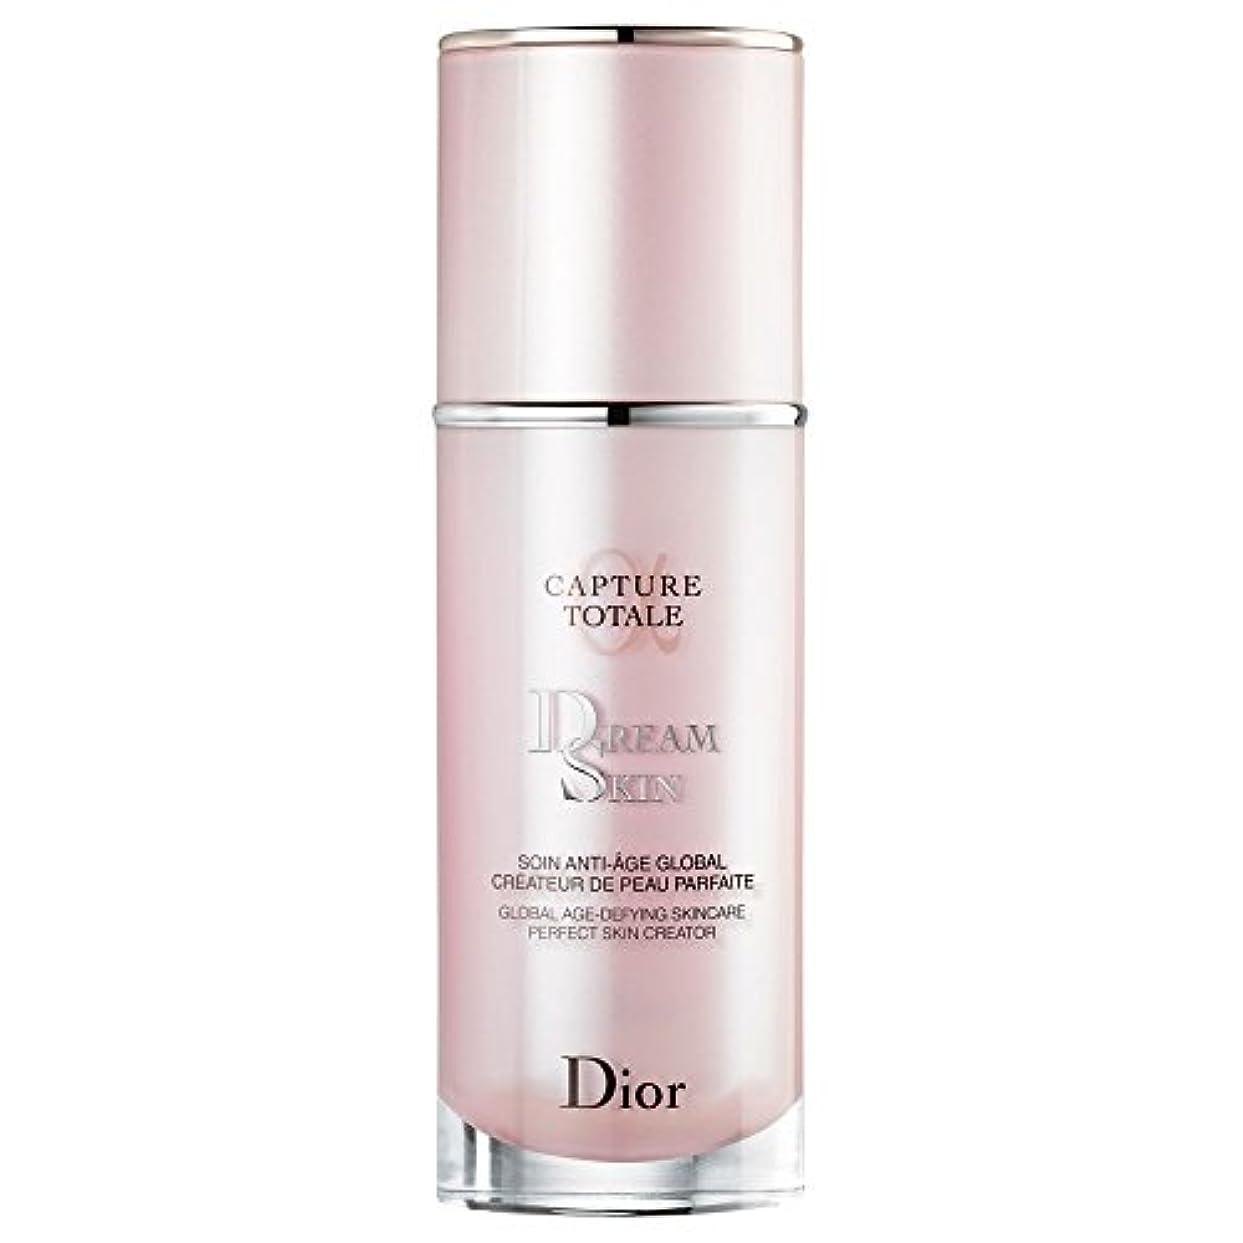 オーガニックイベントスポット[Dior] ディオールキャプチャカプチュールトータルDreamskin血清50ミリリットル - Dior Capture Totale Dreamskin Serum 50ml [並行輸入品]